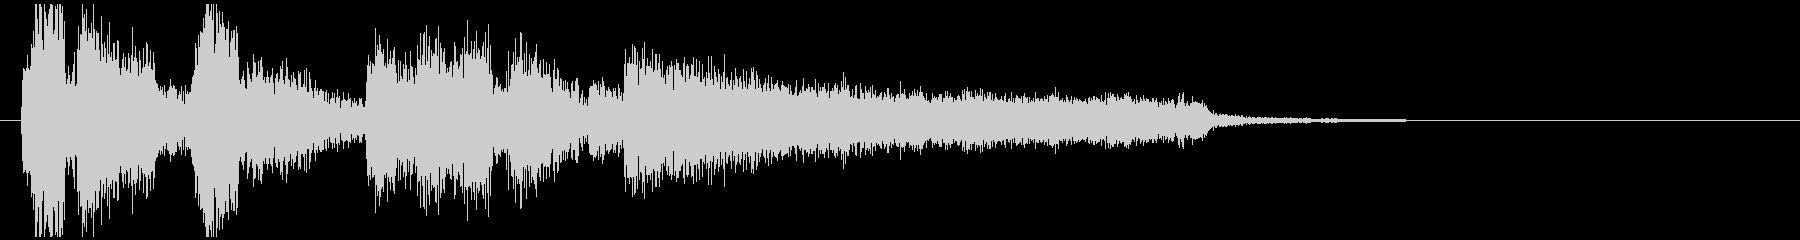 スタイリッシュな場面転換系ジャズジングルの未再生の波形